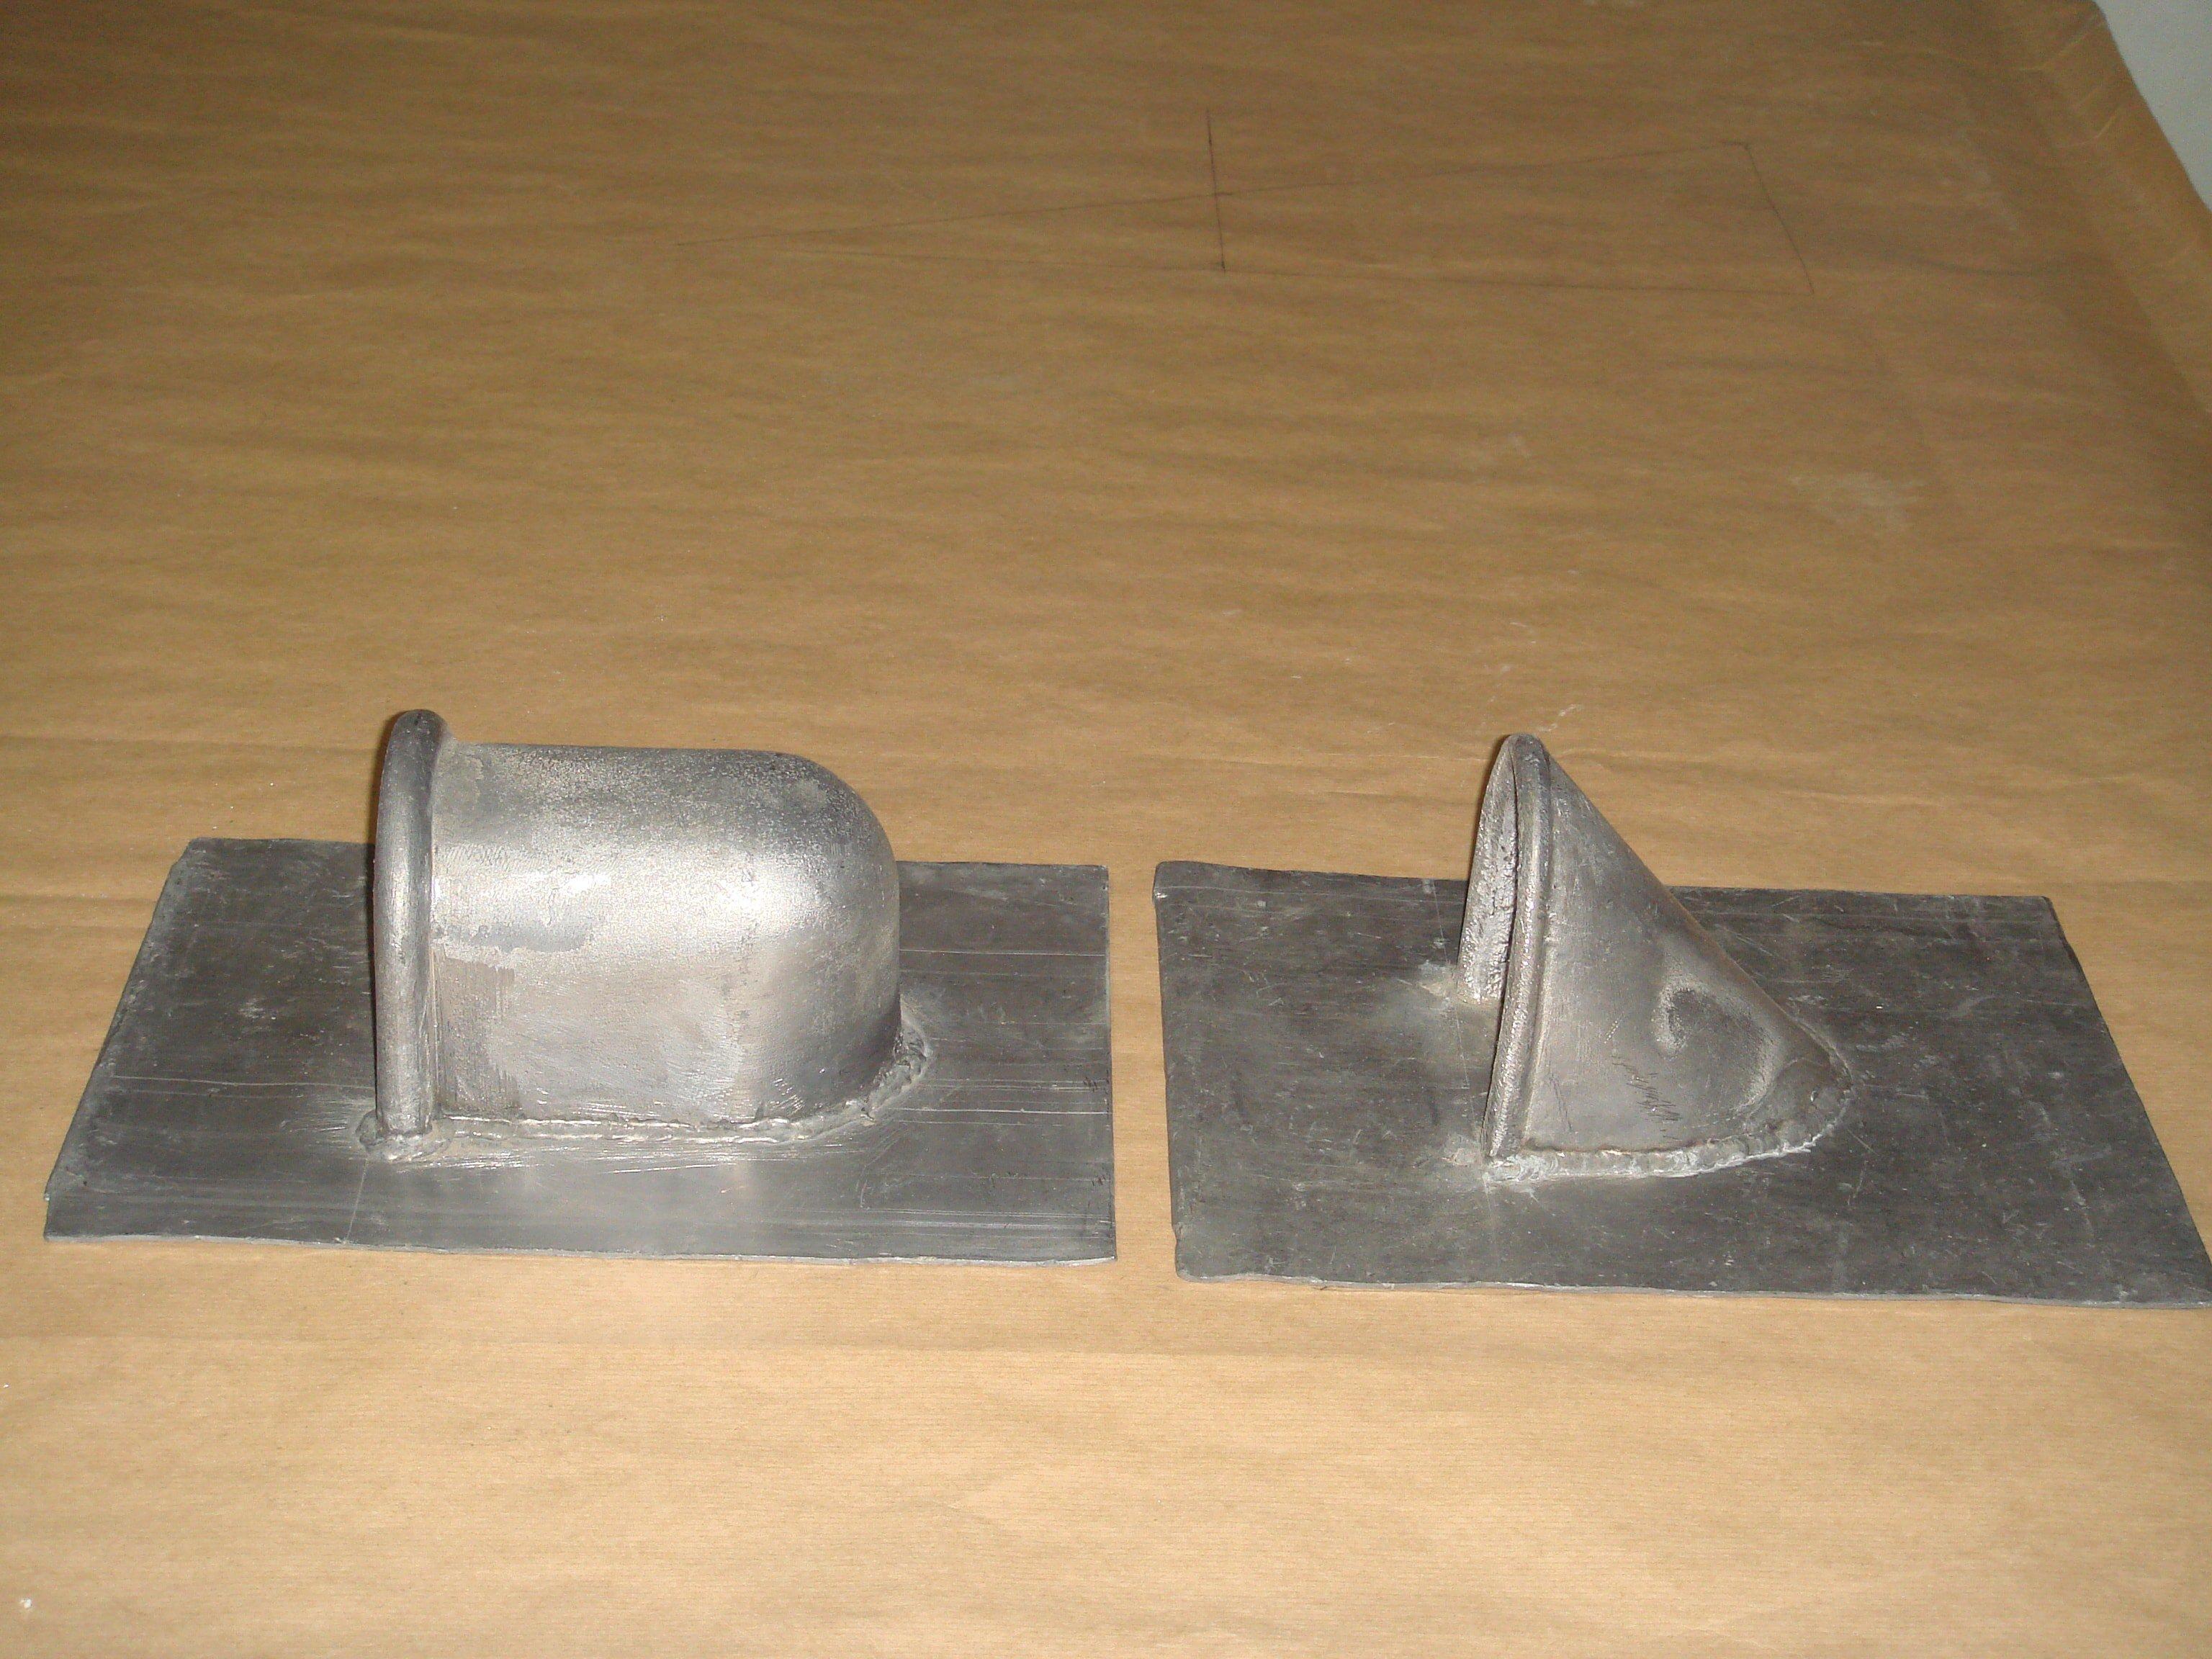 Passe-corde (à gauche) et Passe-barre (à droite) et leurs platine soudée.